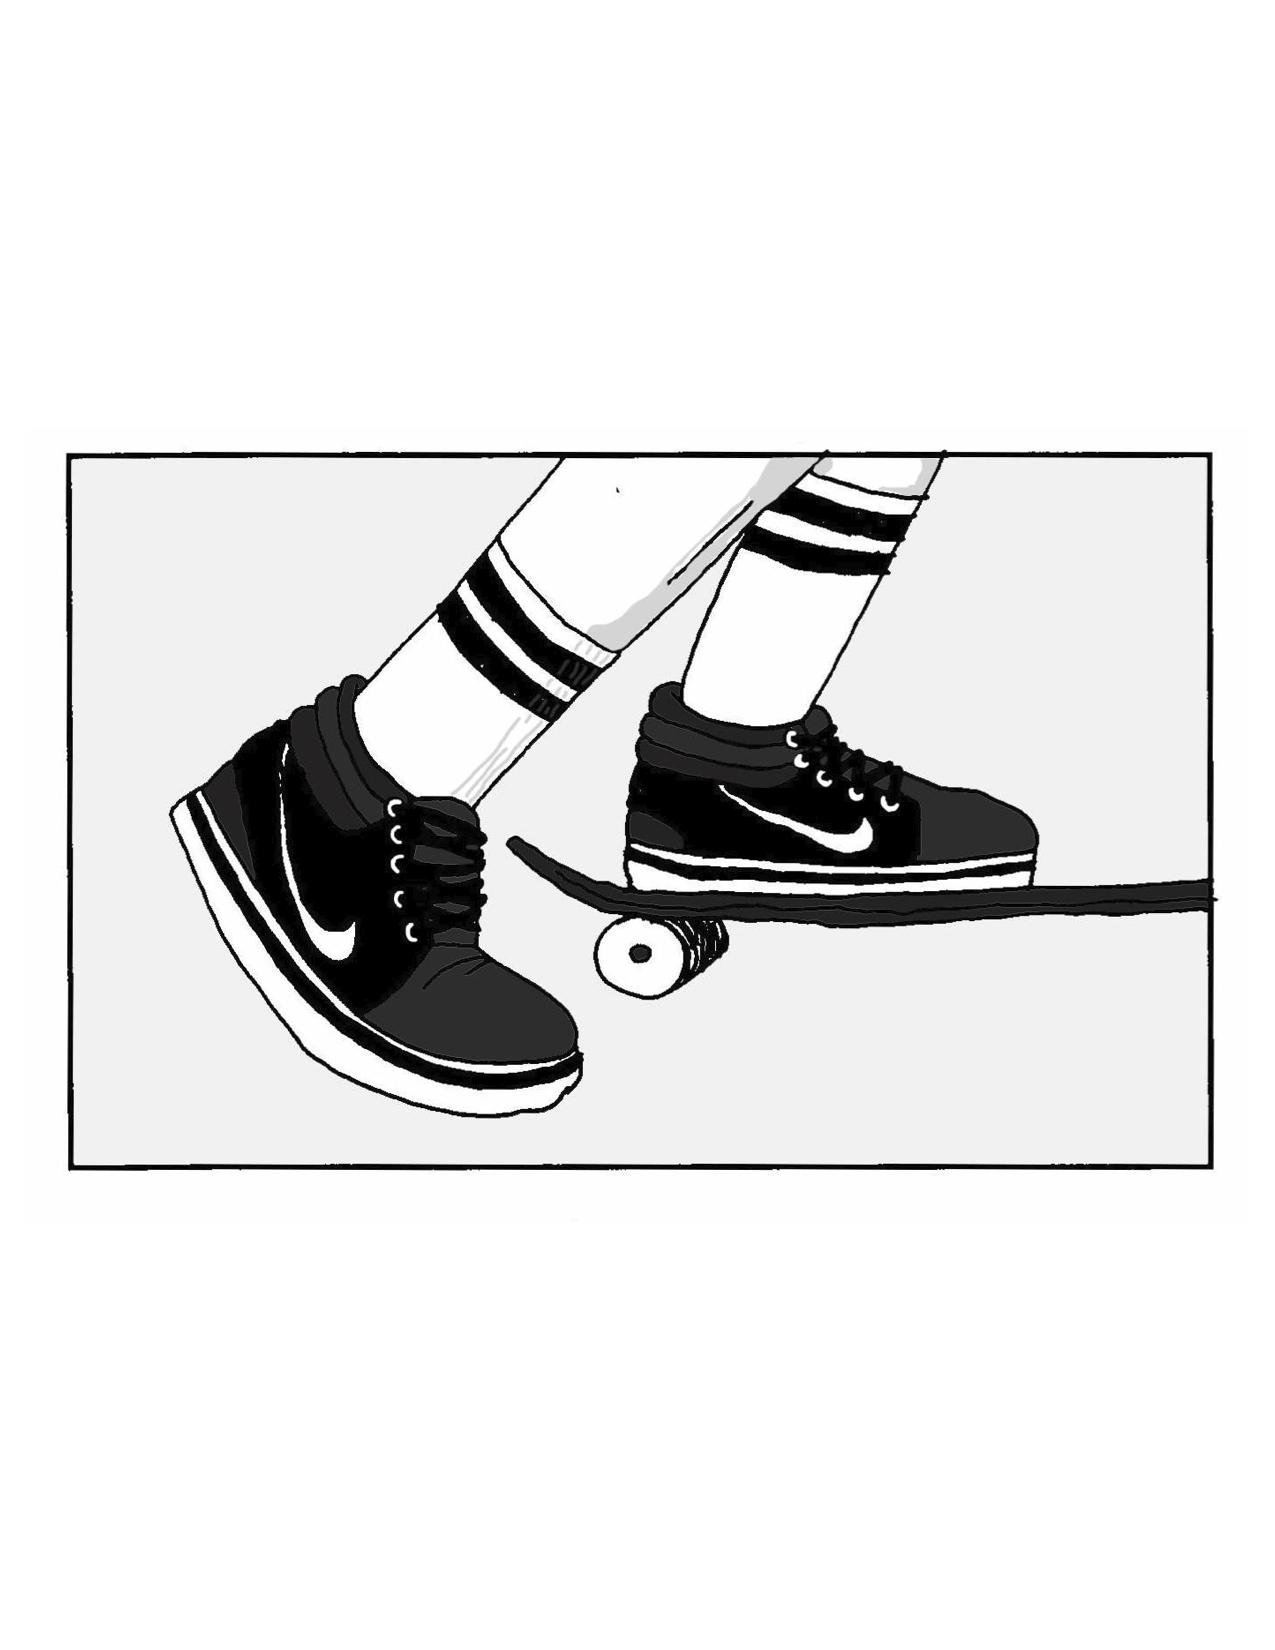 NikeSB5.jpg